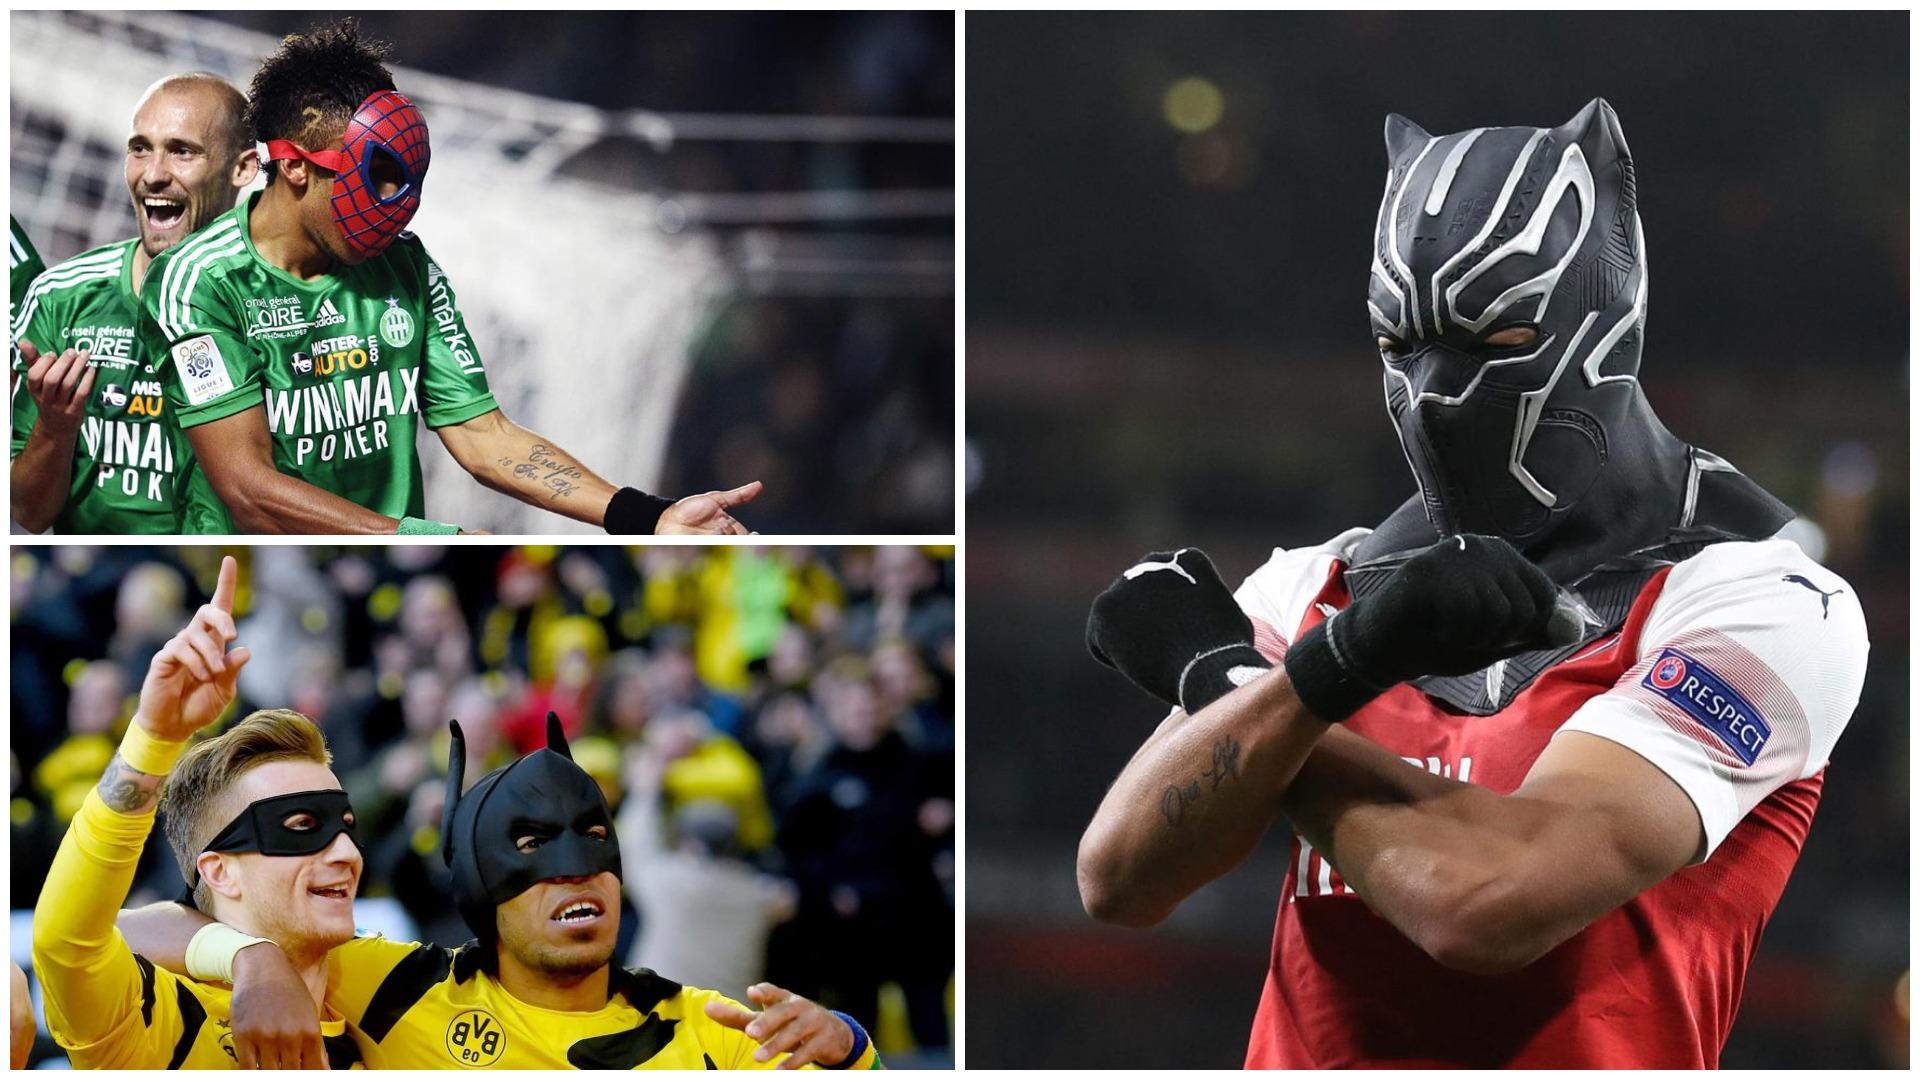 """Gola të panumërt dhe maskat një """"ves"""", ditë e veçantë për Aubameyang"""